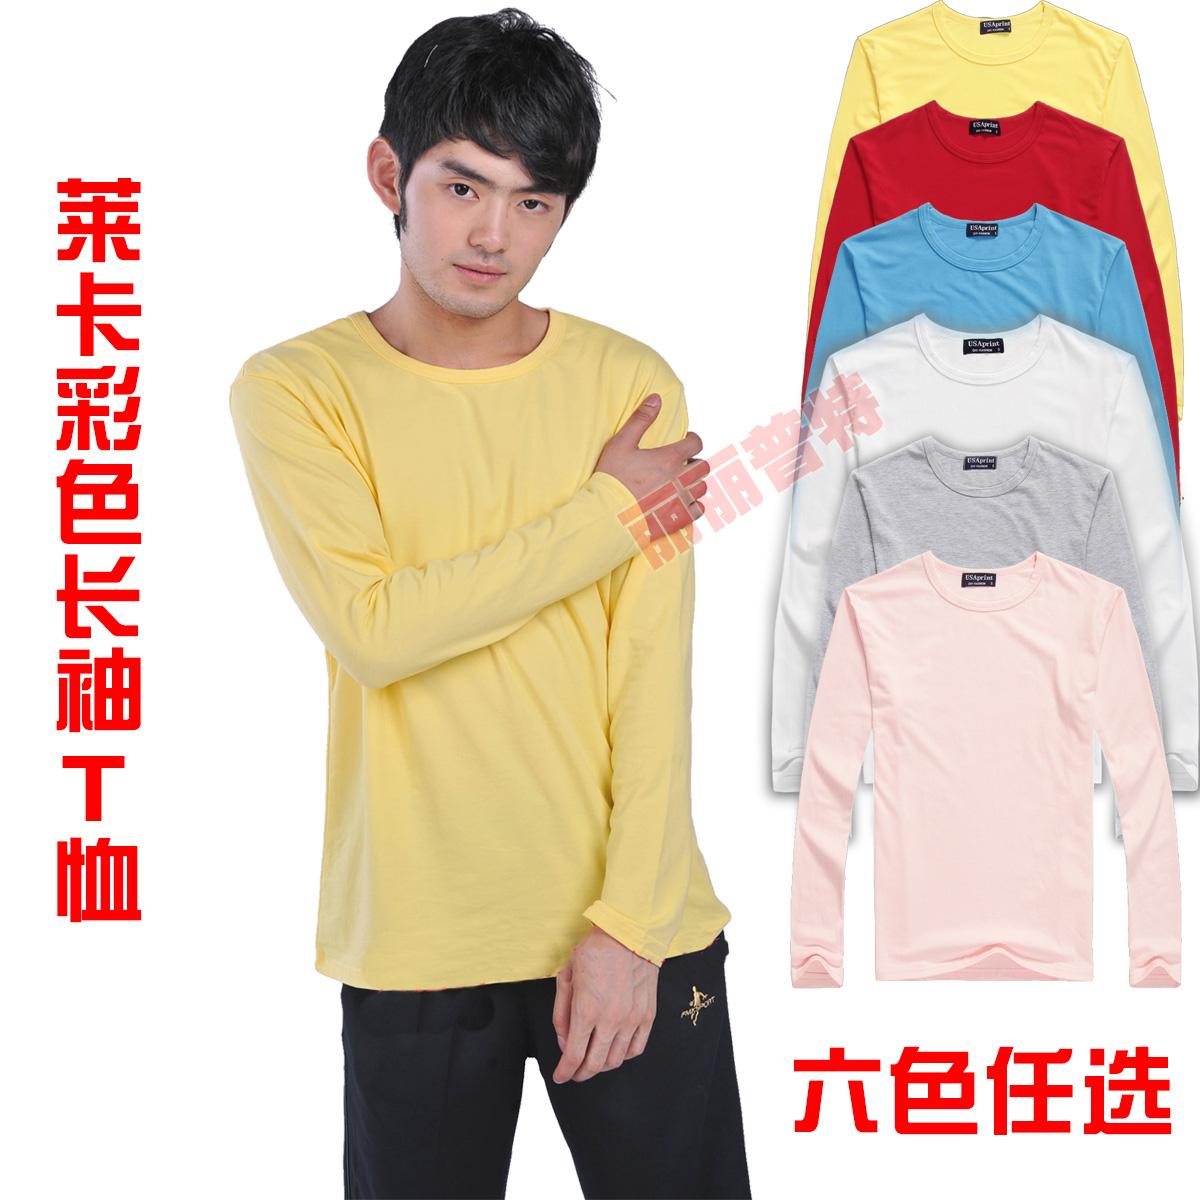 空白彩色长袖文化衫莱卡精梳广告衫订做 班服定制批发印字烫画T恤